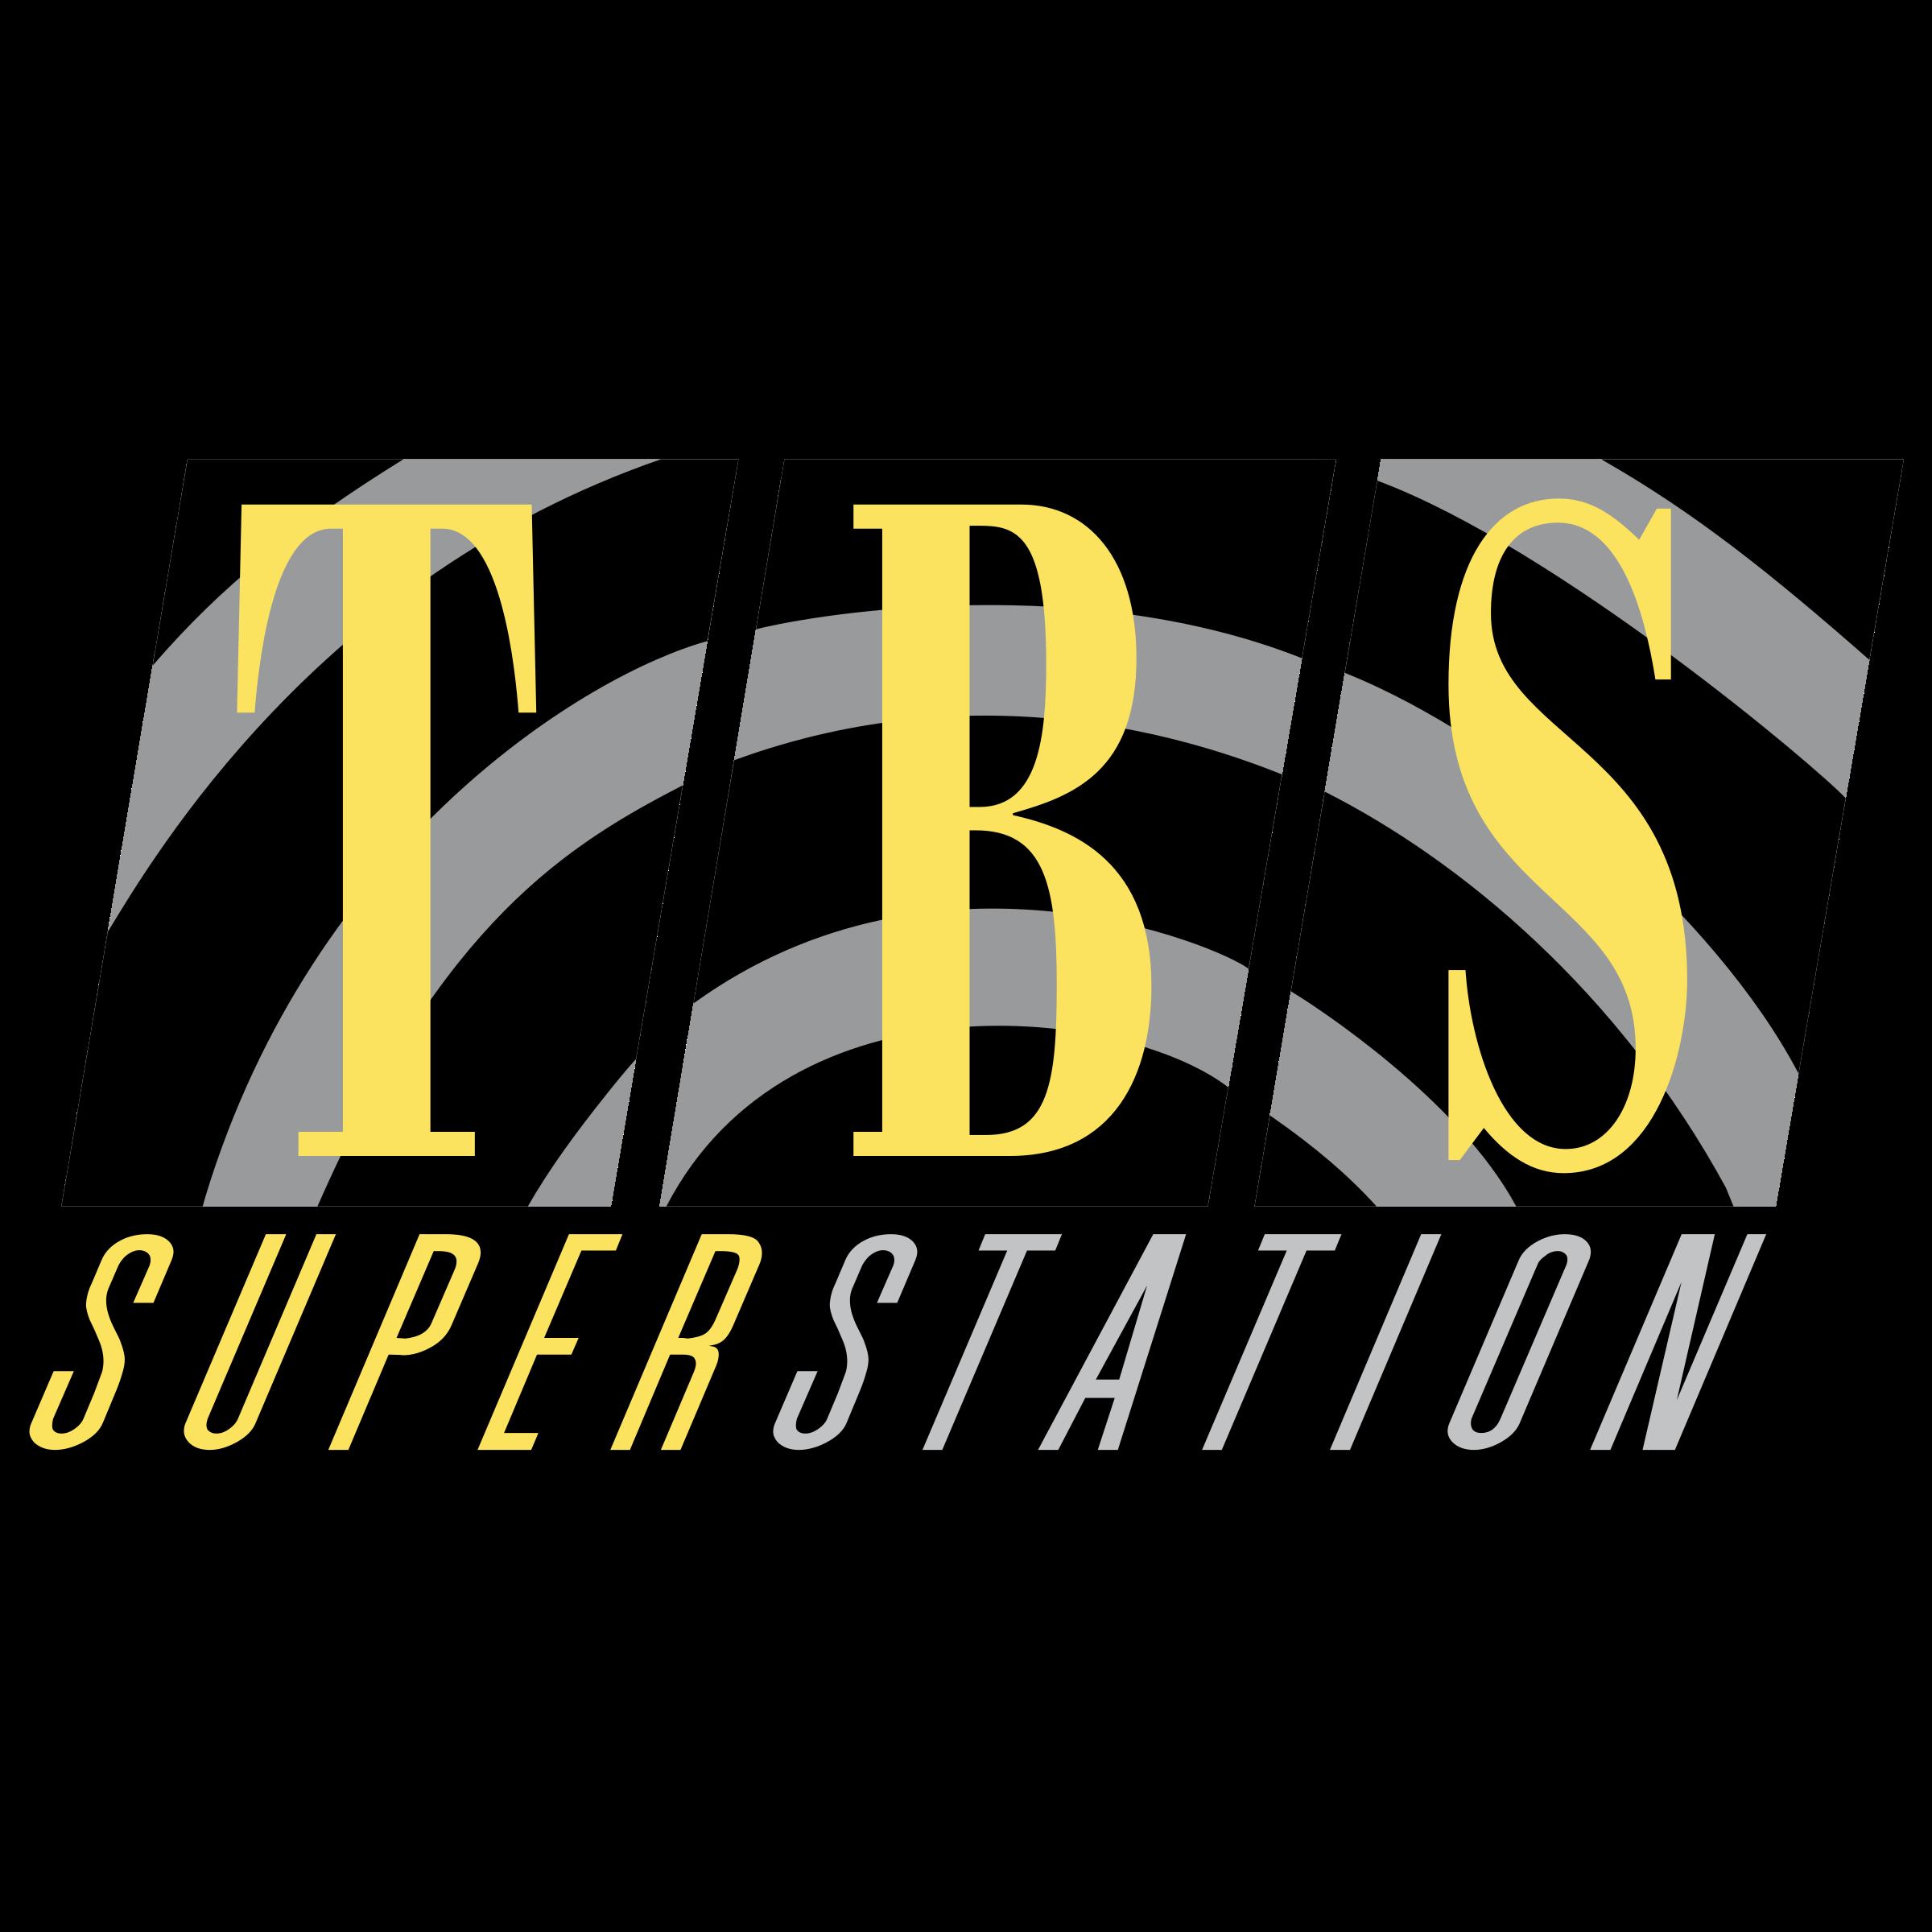 tbs-superstation-1-logo-png-transparent.png